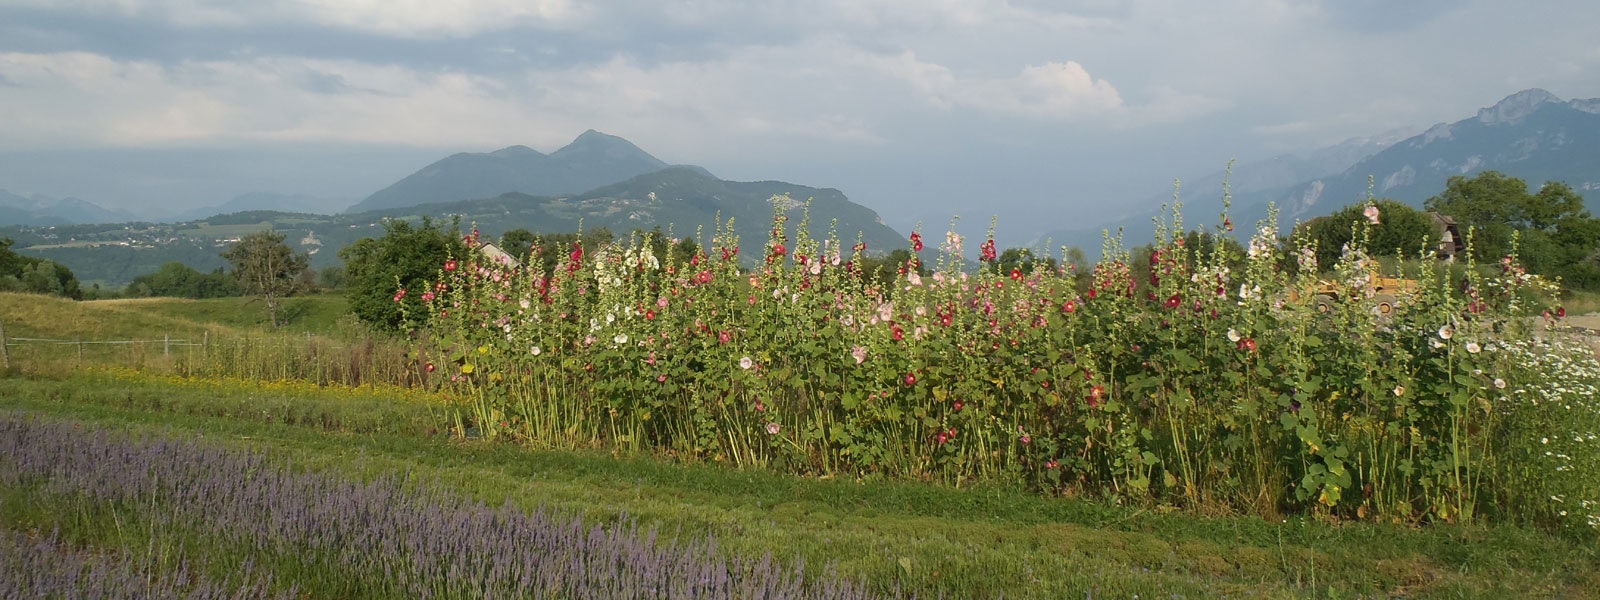 Producteurs de plantes aromatiques et médicinales des Savoie